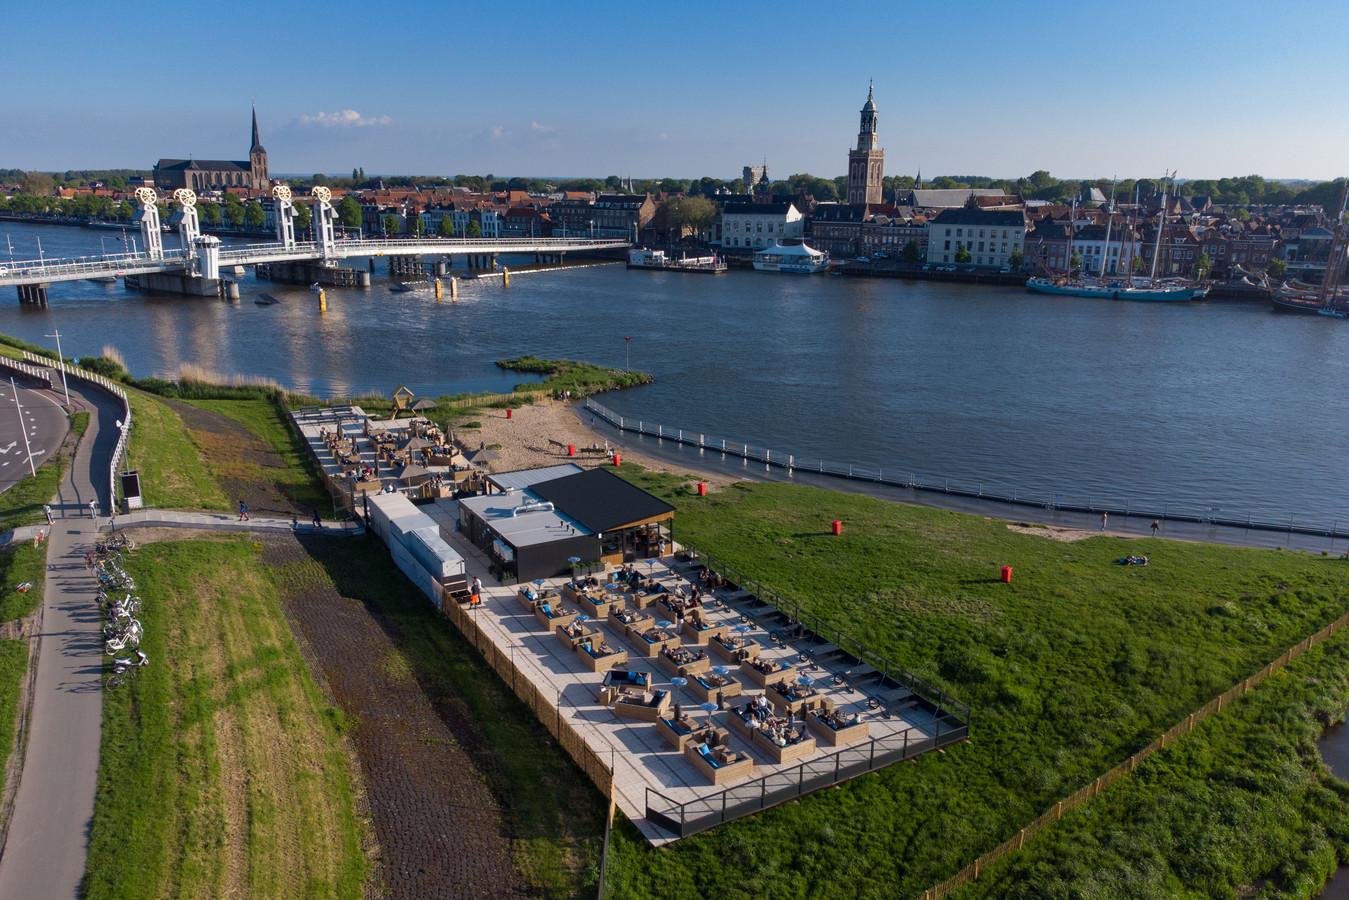 Met onaangekondigde metingen gaat Kampen controleren of paviljoen Hanzezicht zich aan de geluidsregels houdt.